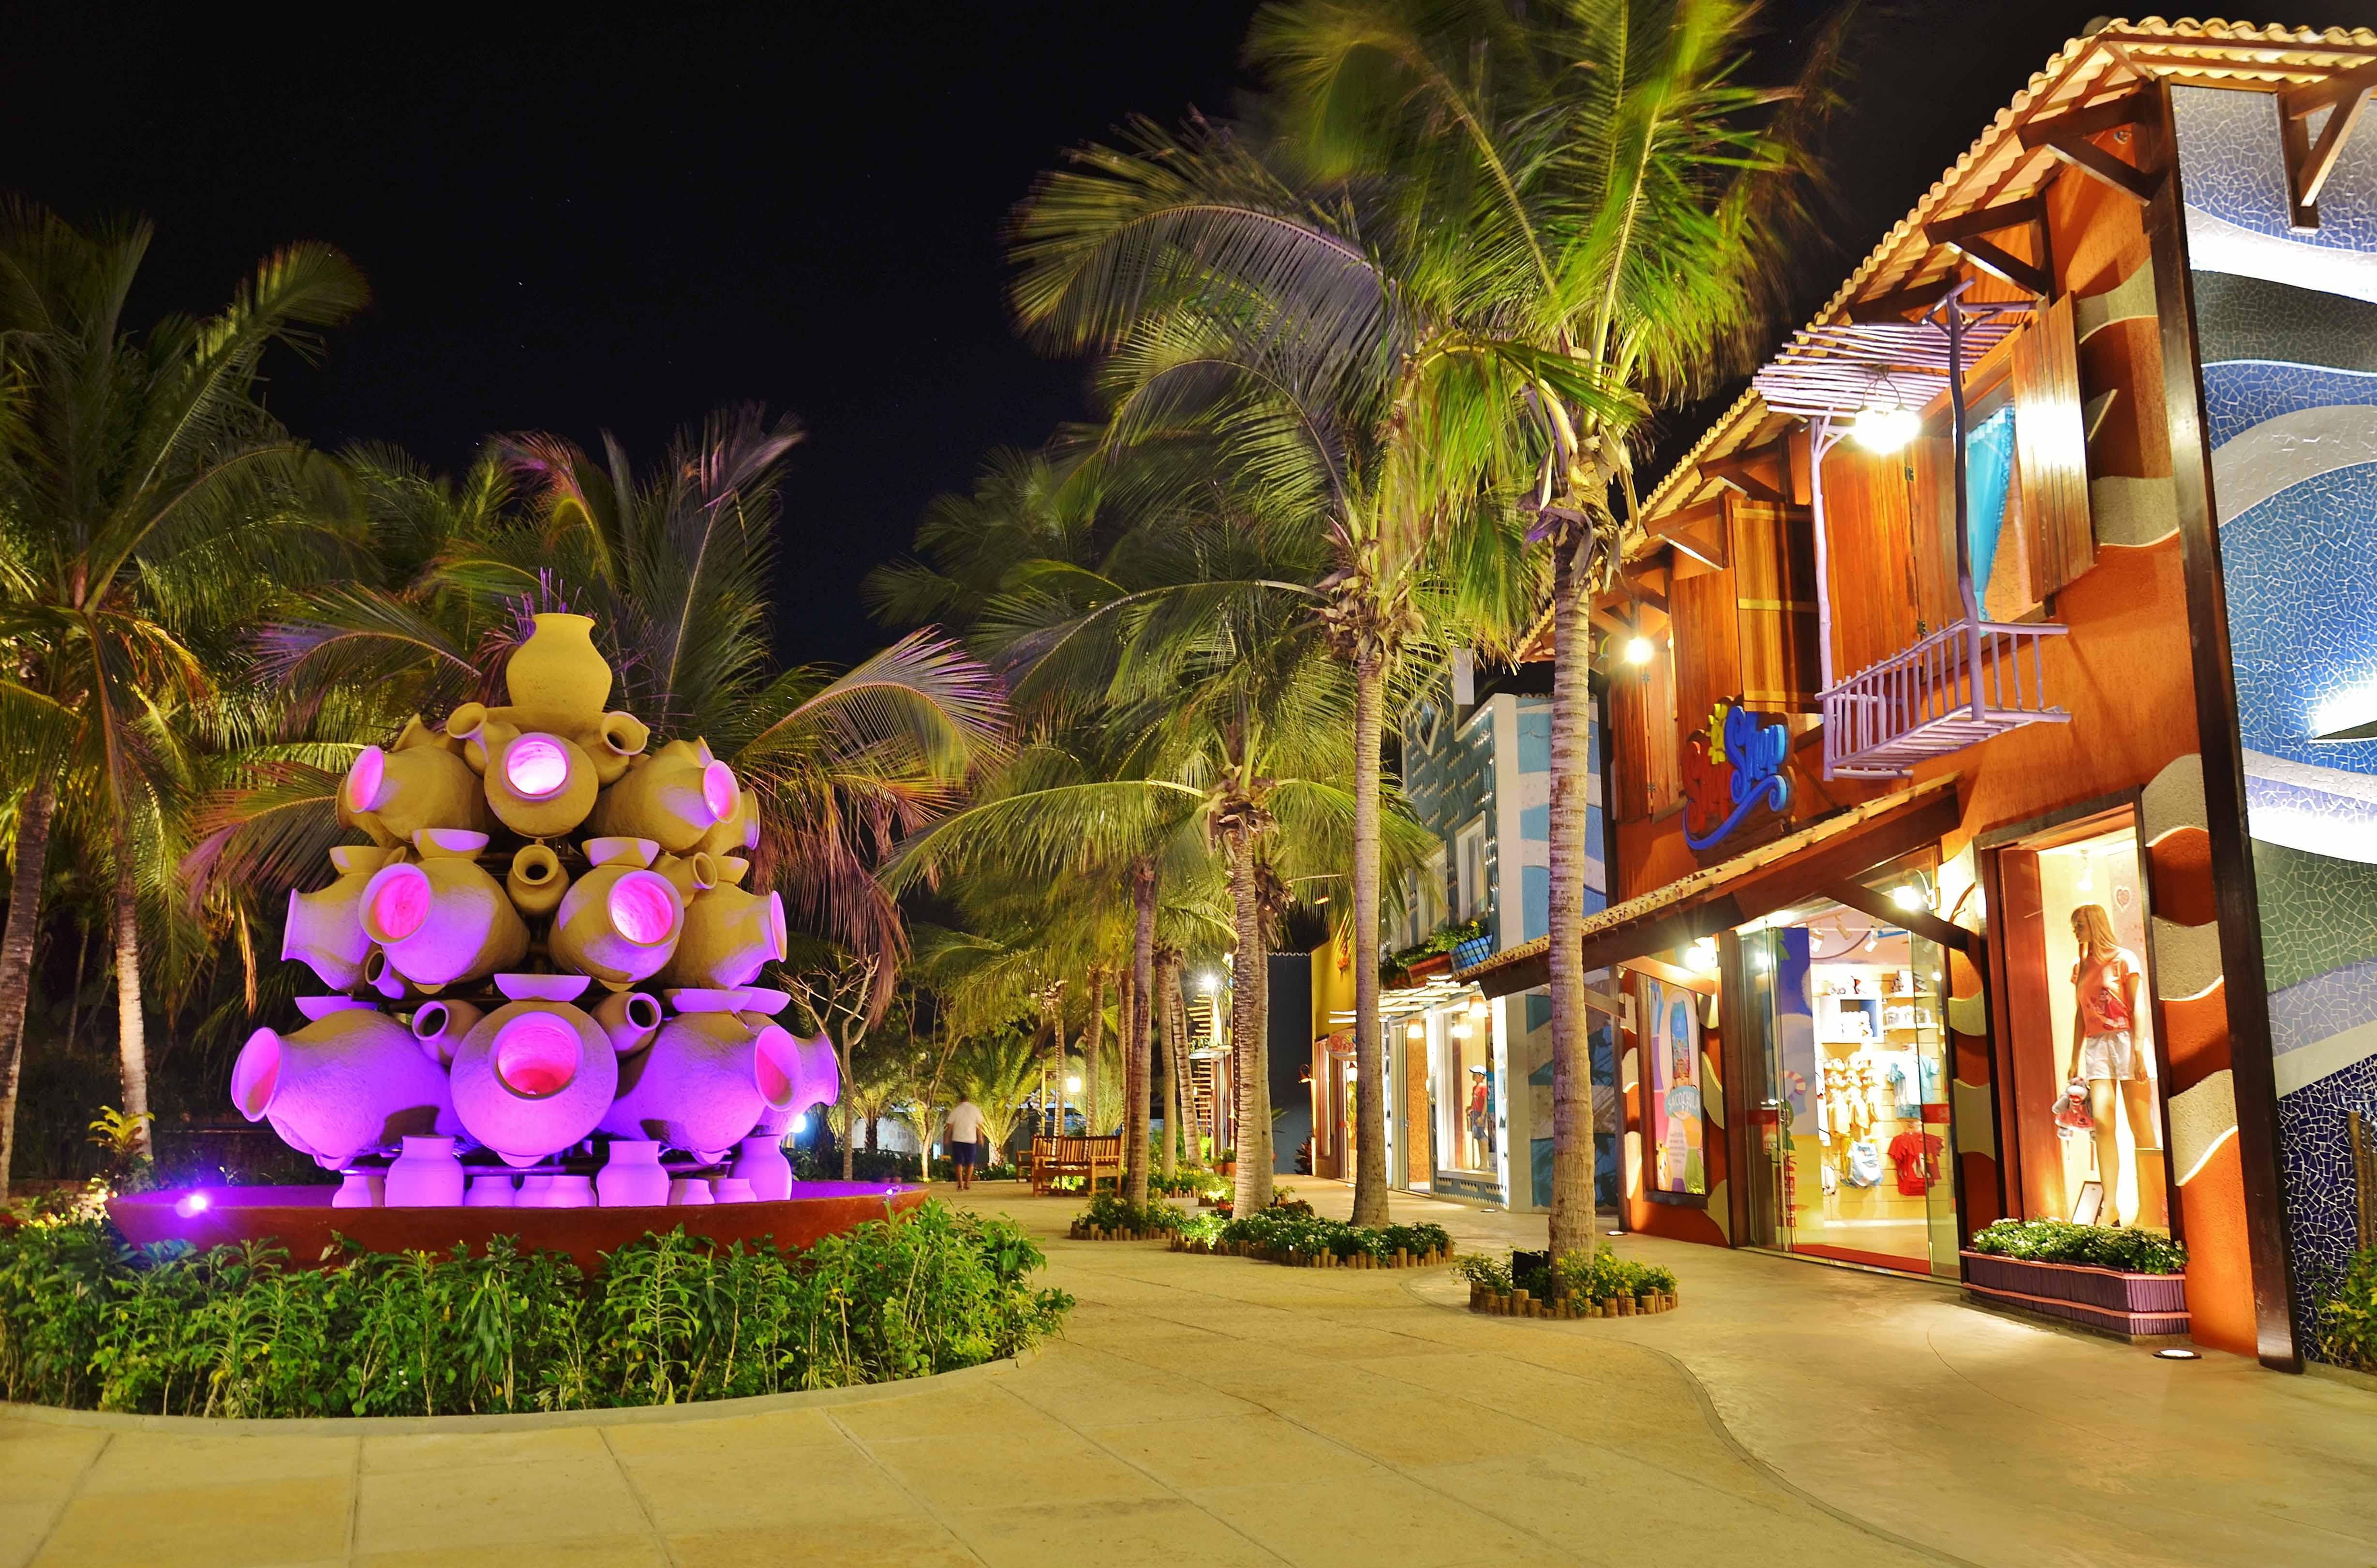 Vila Azul do Mar recebe tributo ao músico Michael Jackson e programação infantil no fim de semana